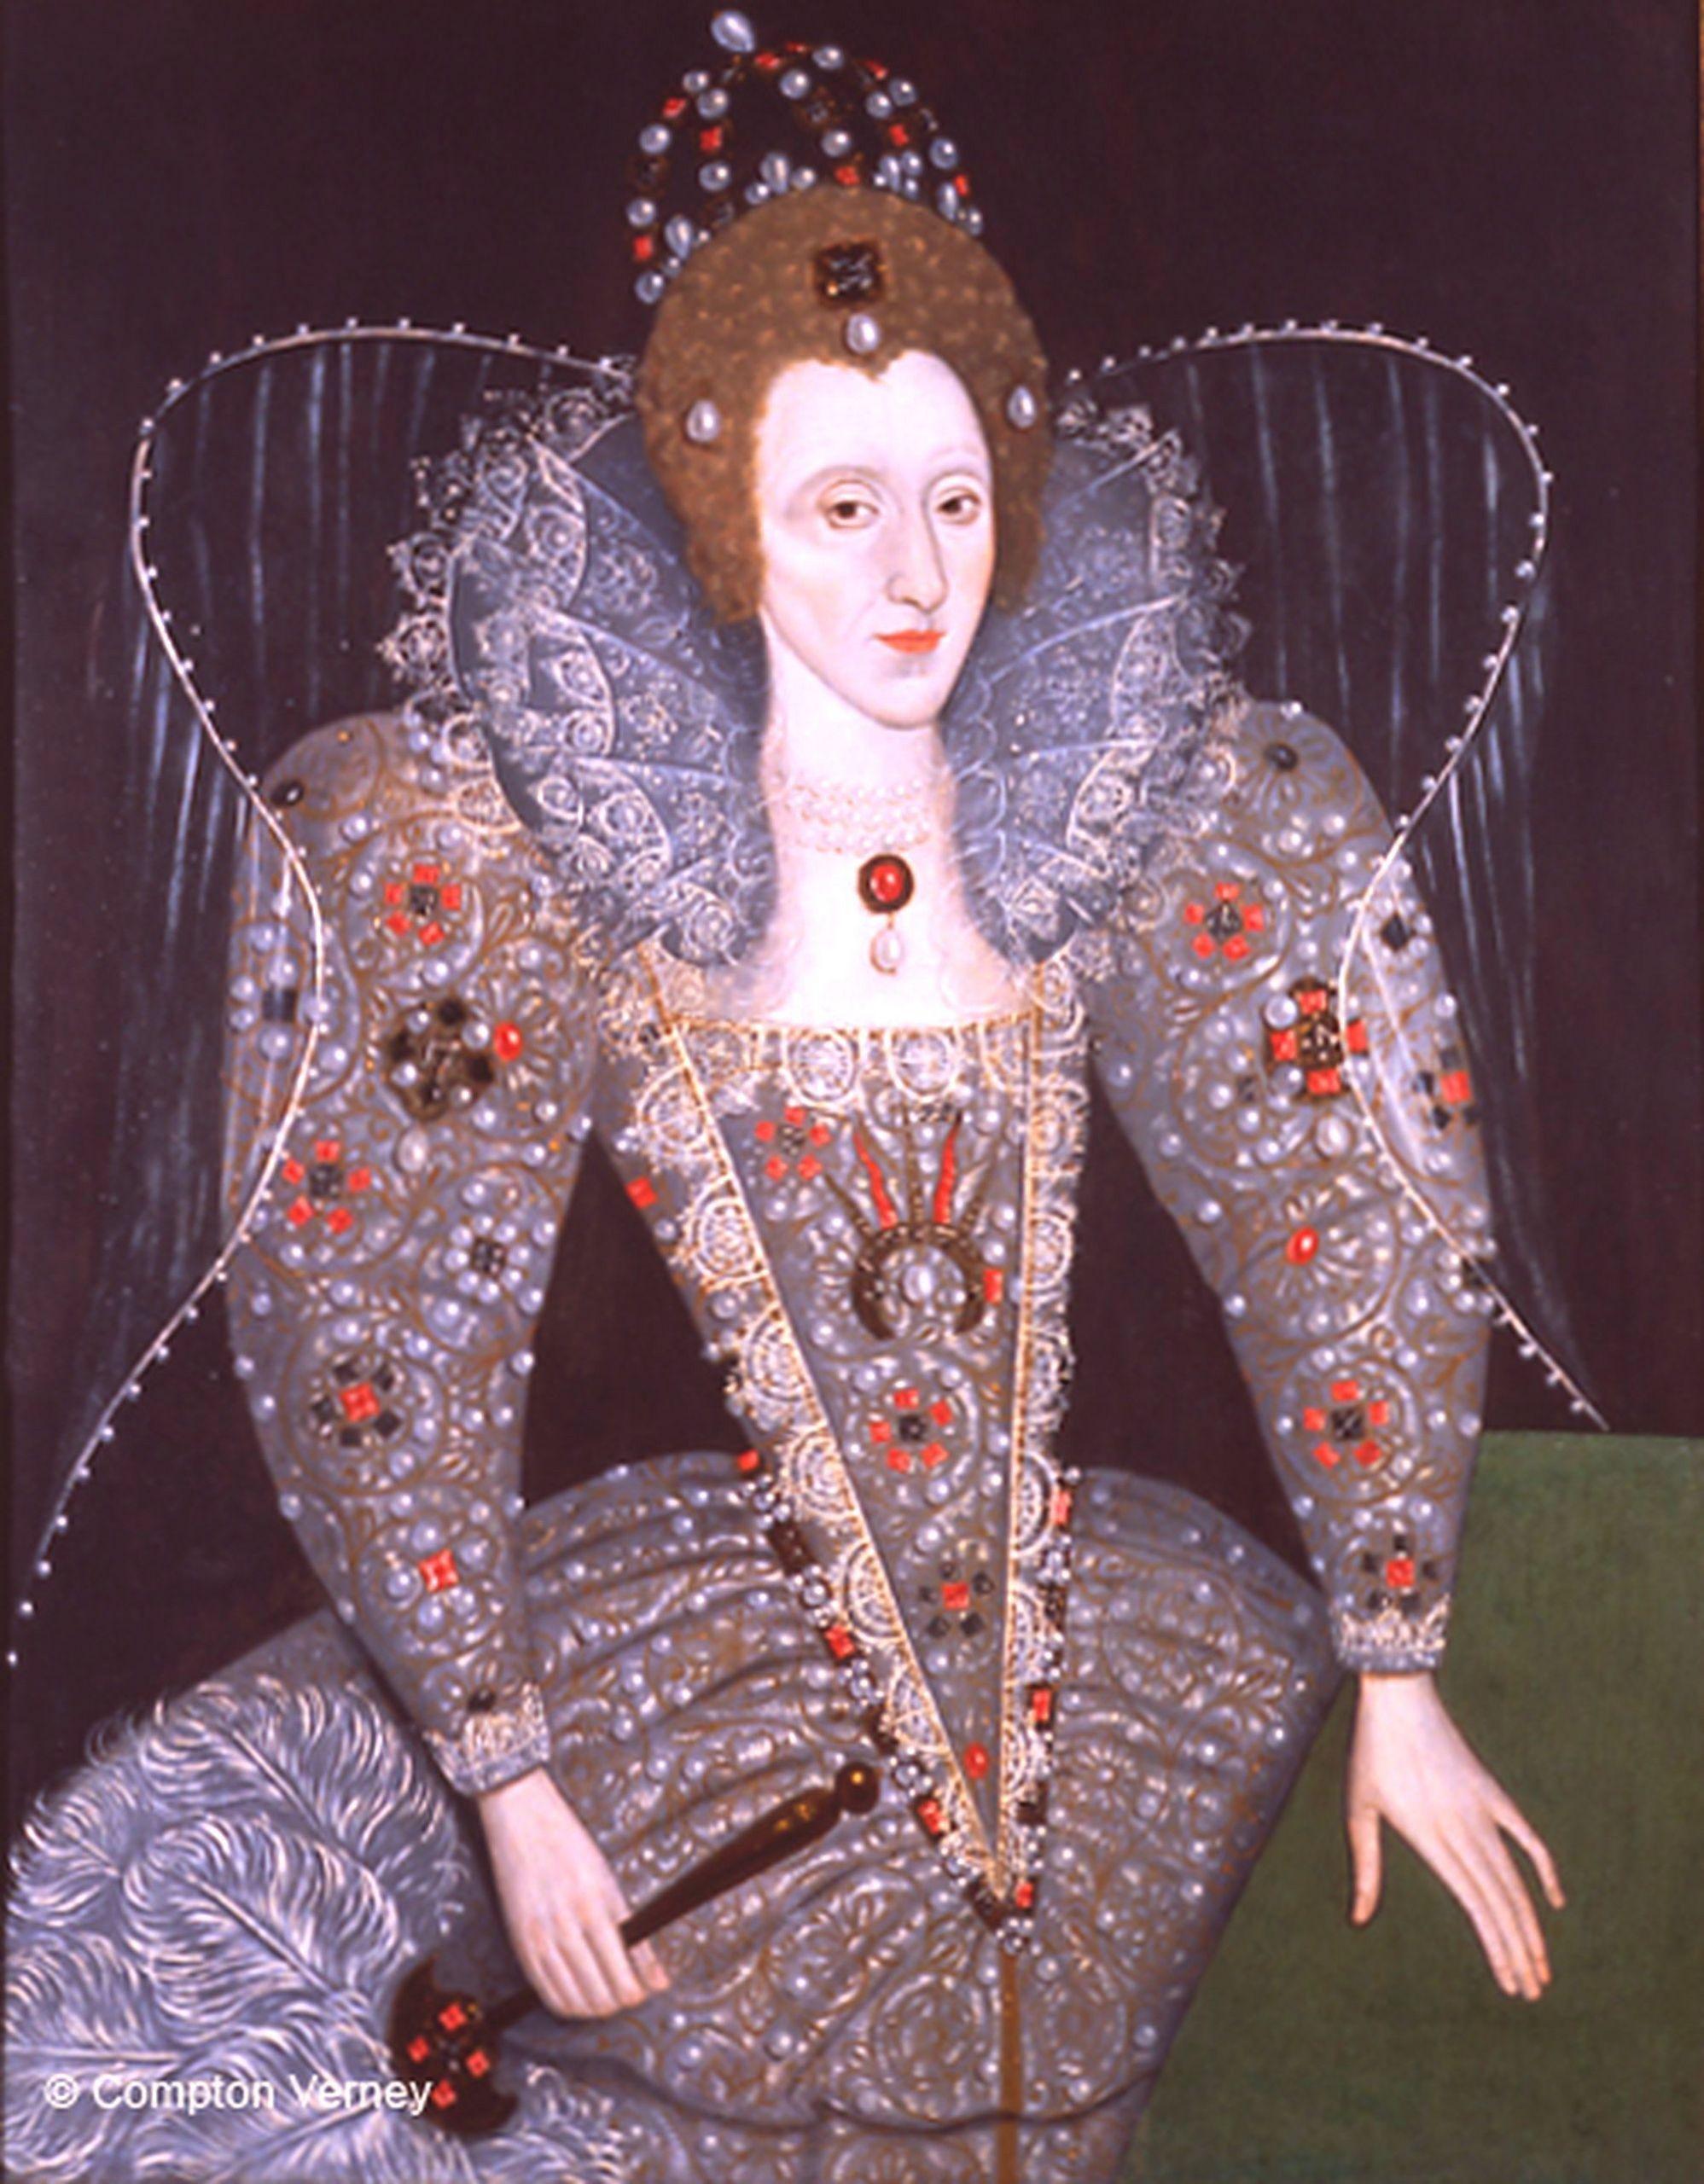 queen-elizabeth-1-kings-and-queens-9843872-1997-2560.jpg